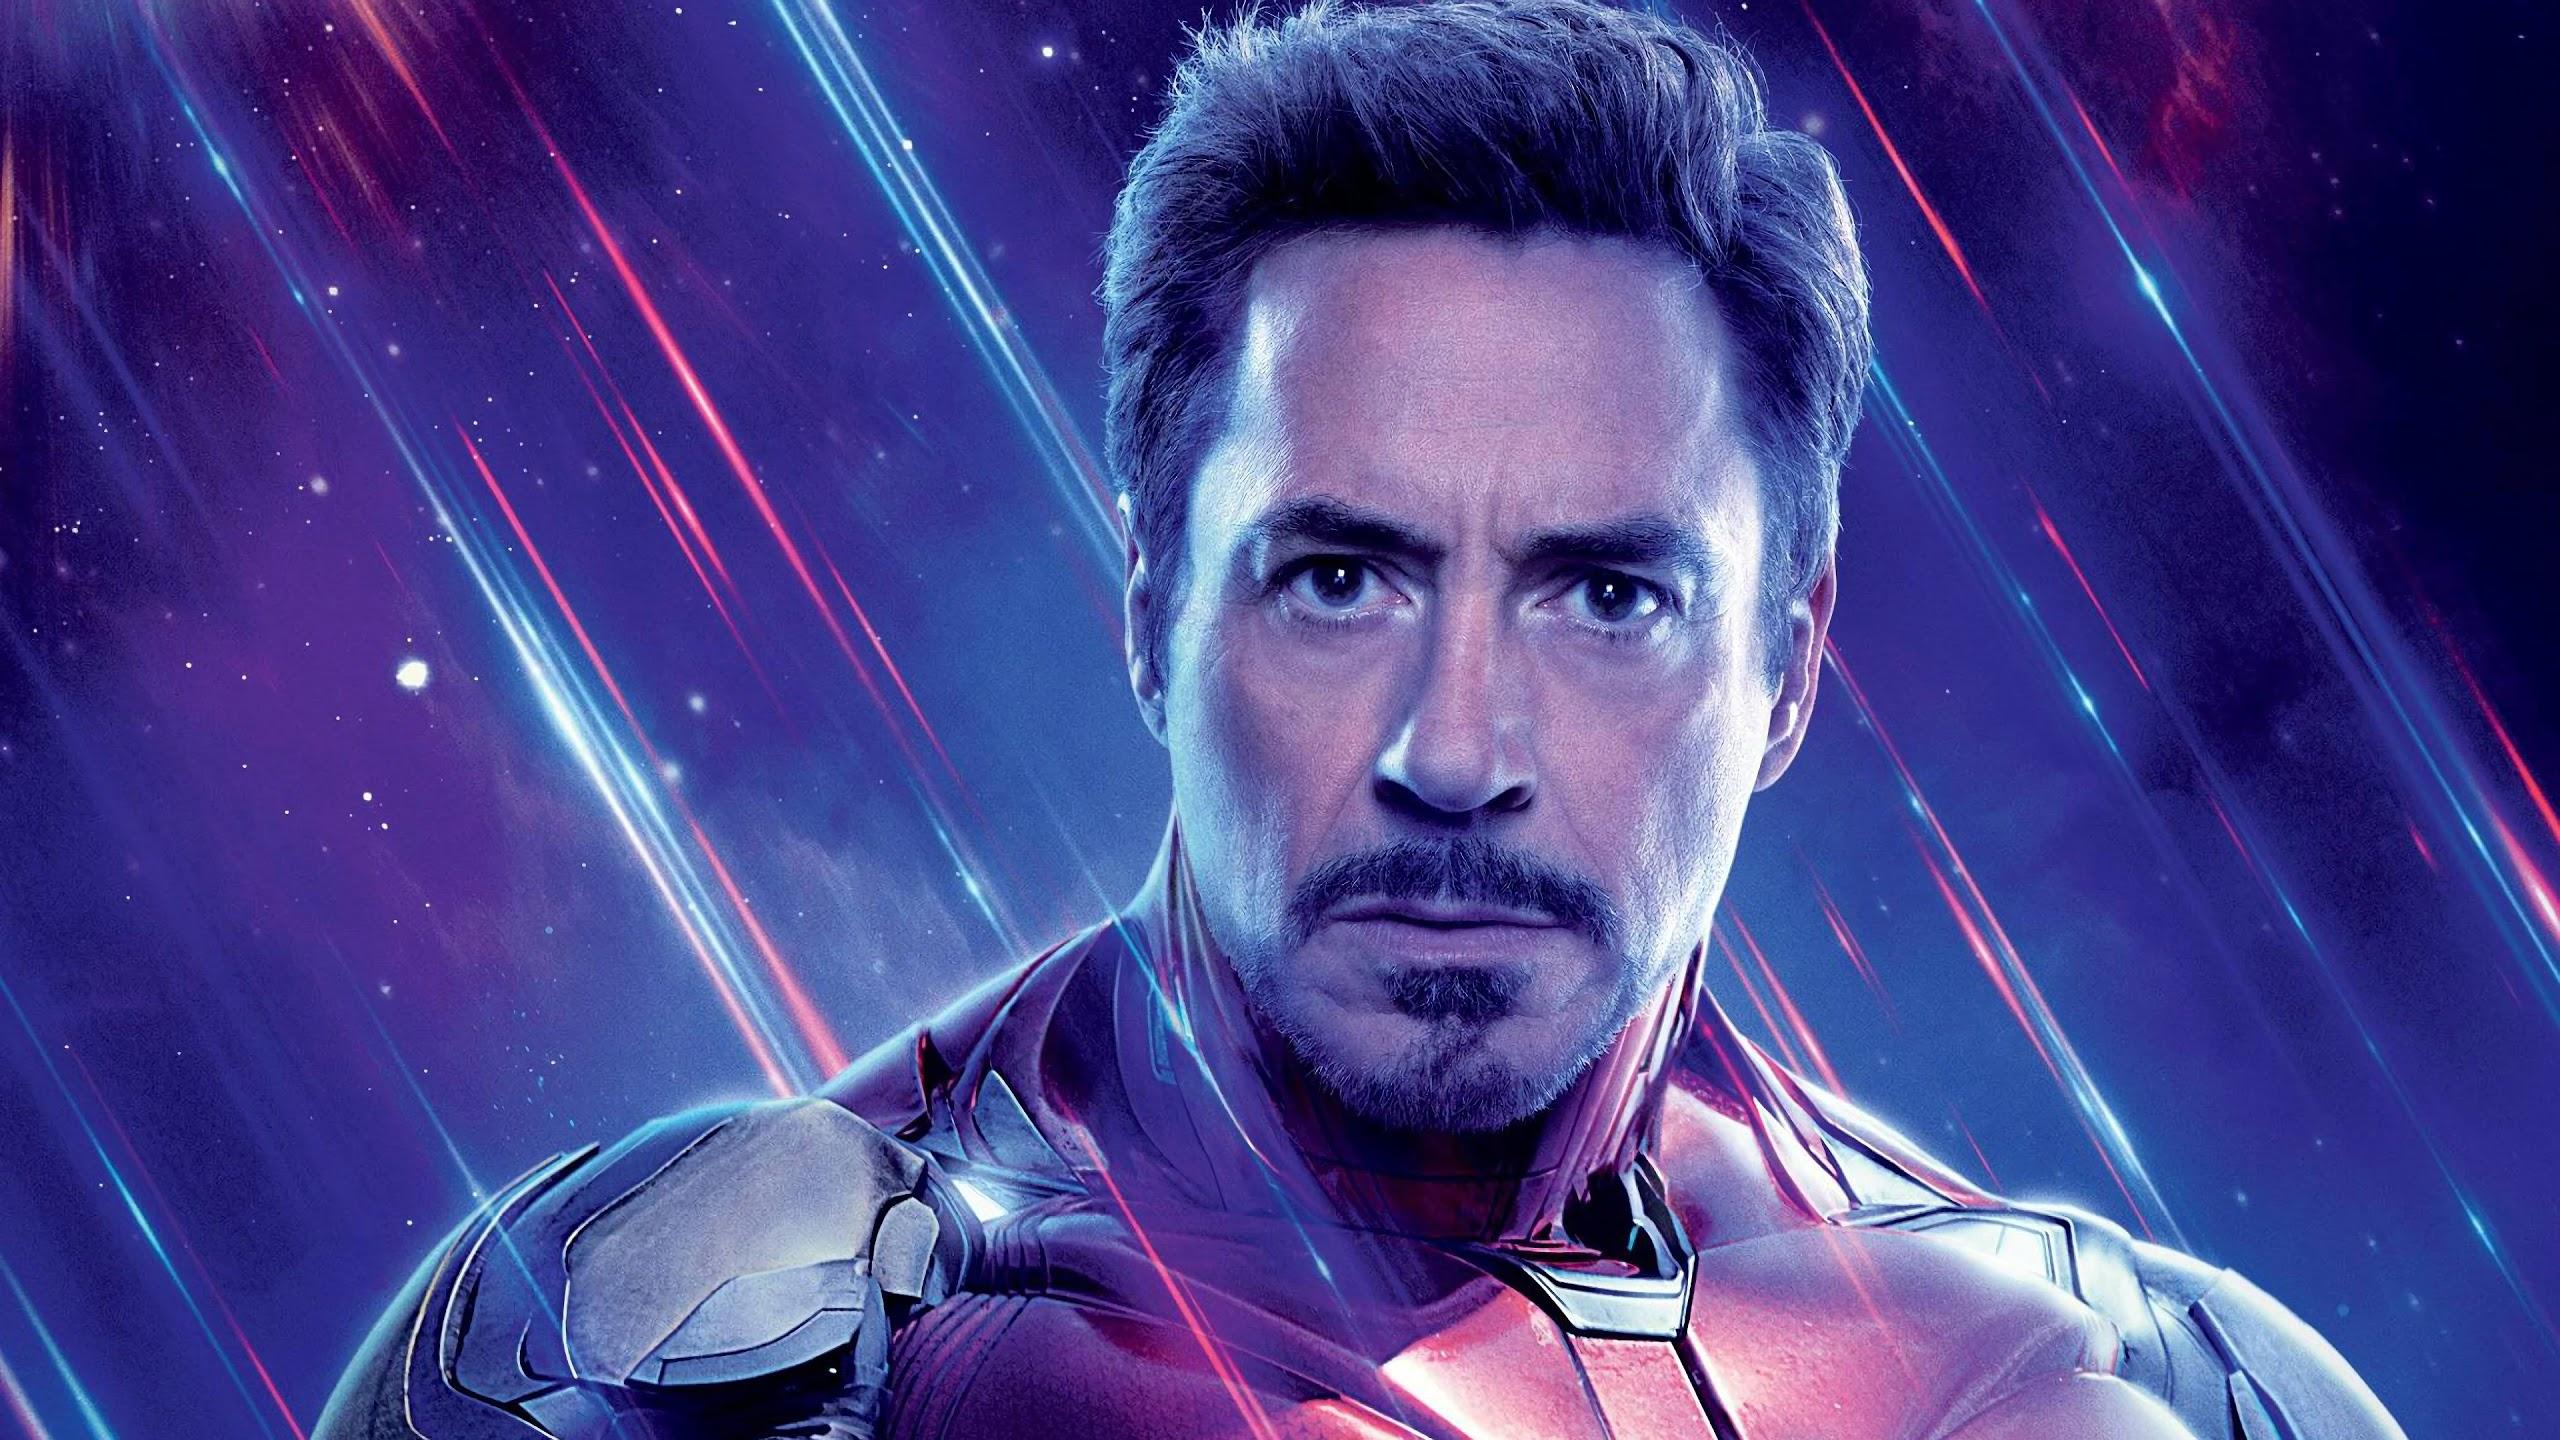 Avengers Endgame Iron Man Tony Stark 4K 82 Wallpaper 2560x1440